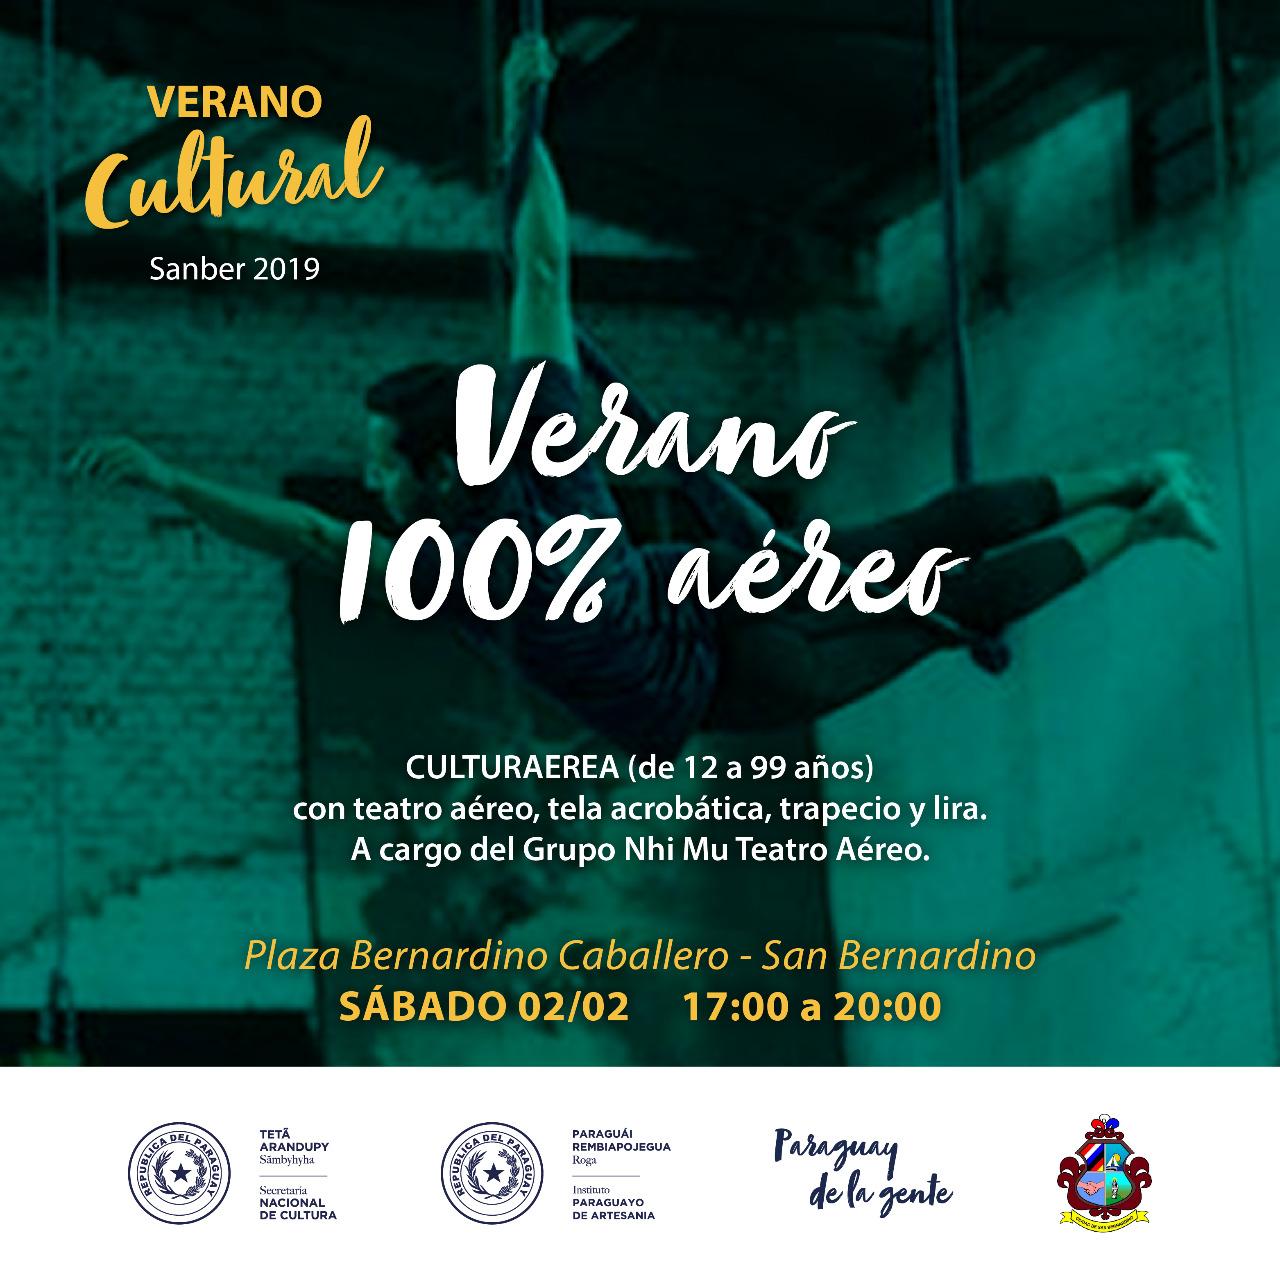 Flyer Verano Cultural Sanber 1 imagen